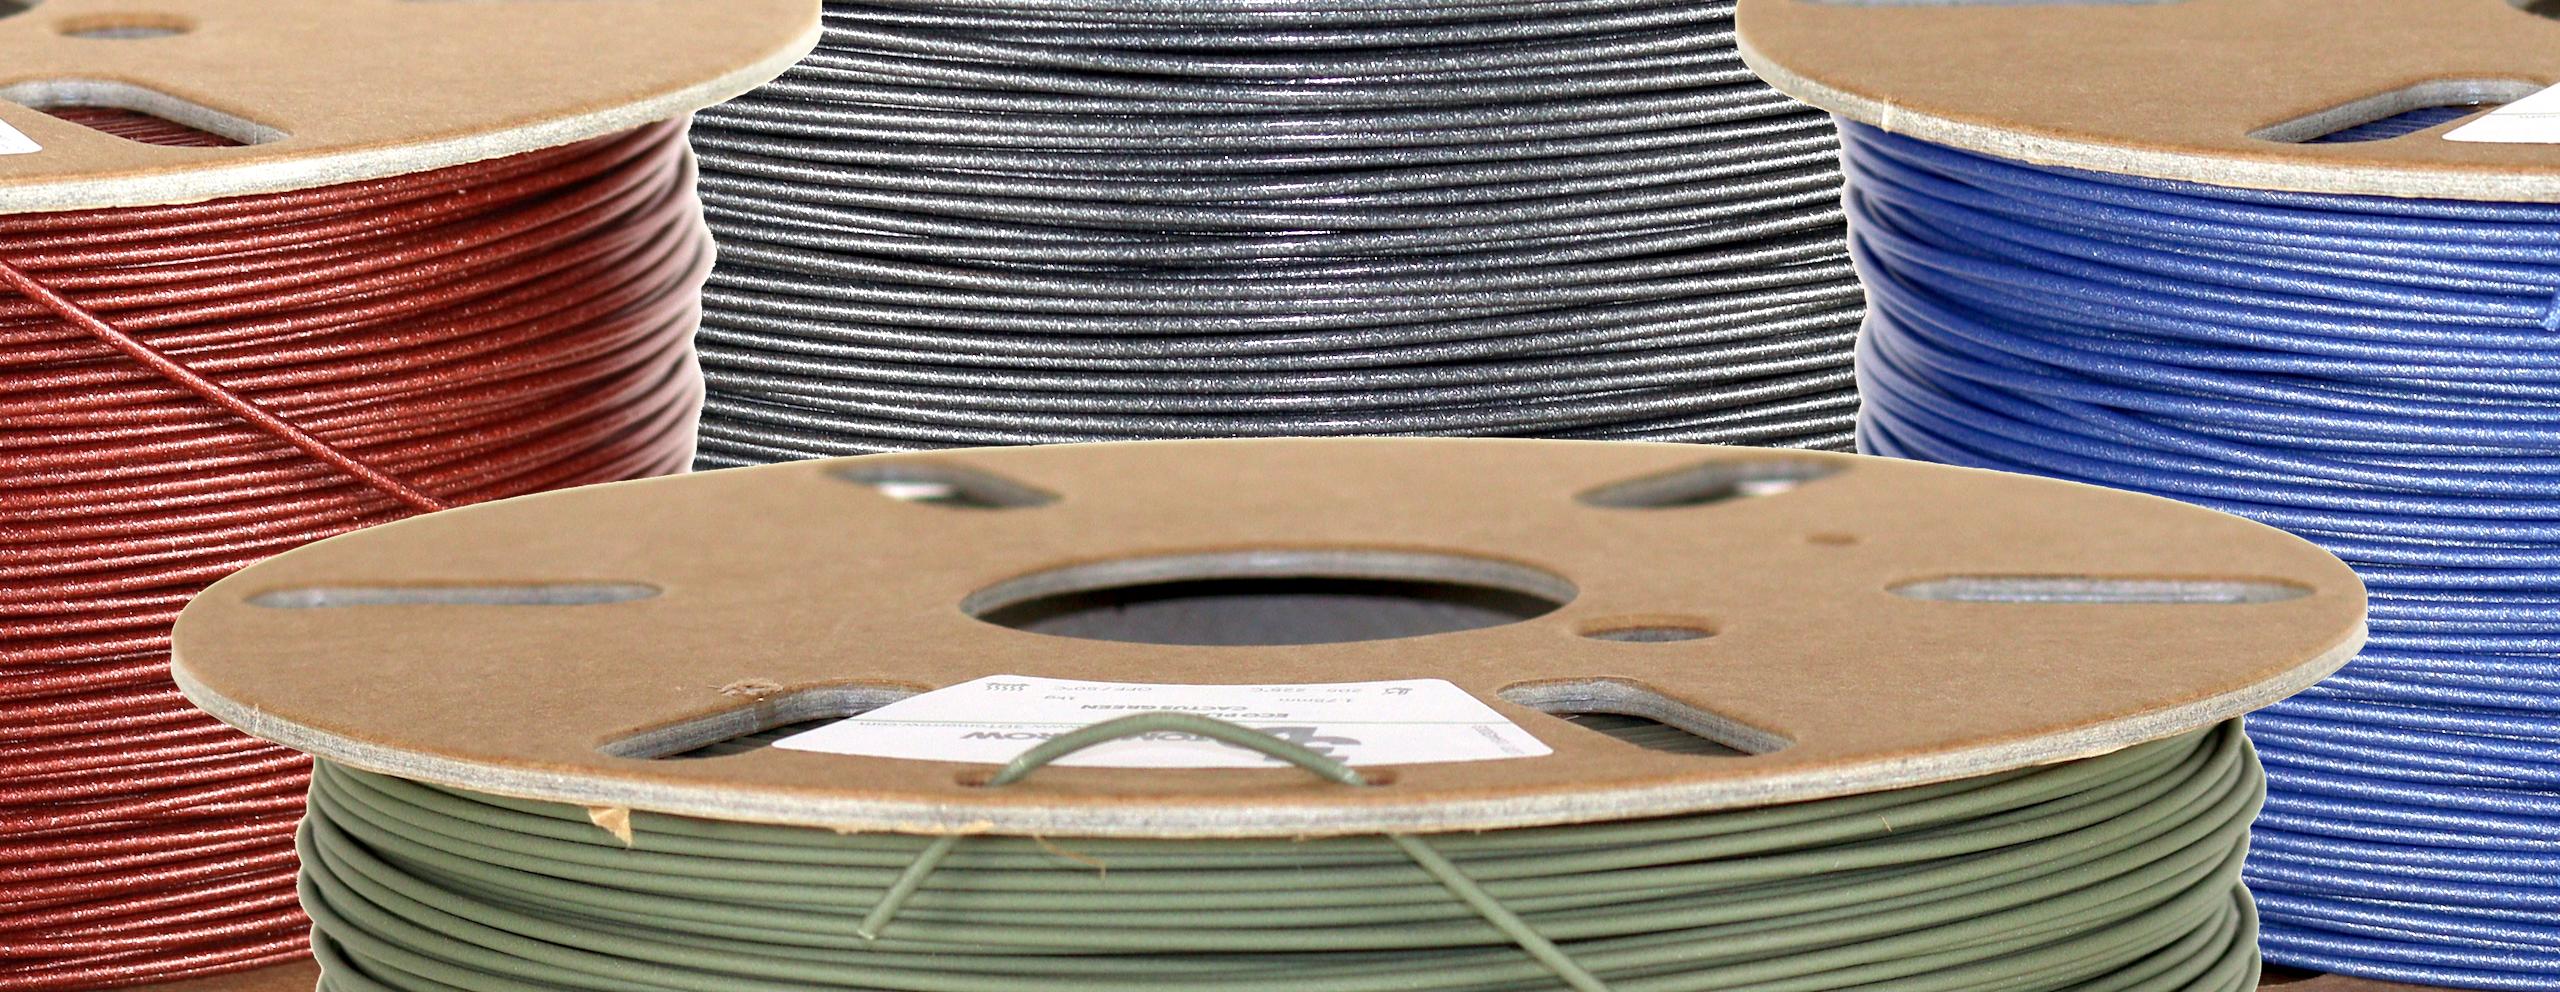 3DTomorrow Filament: Specials